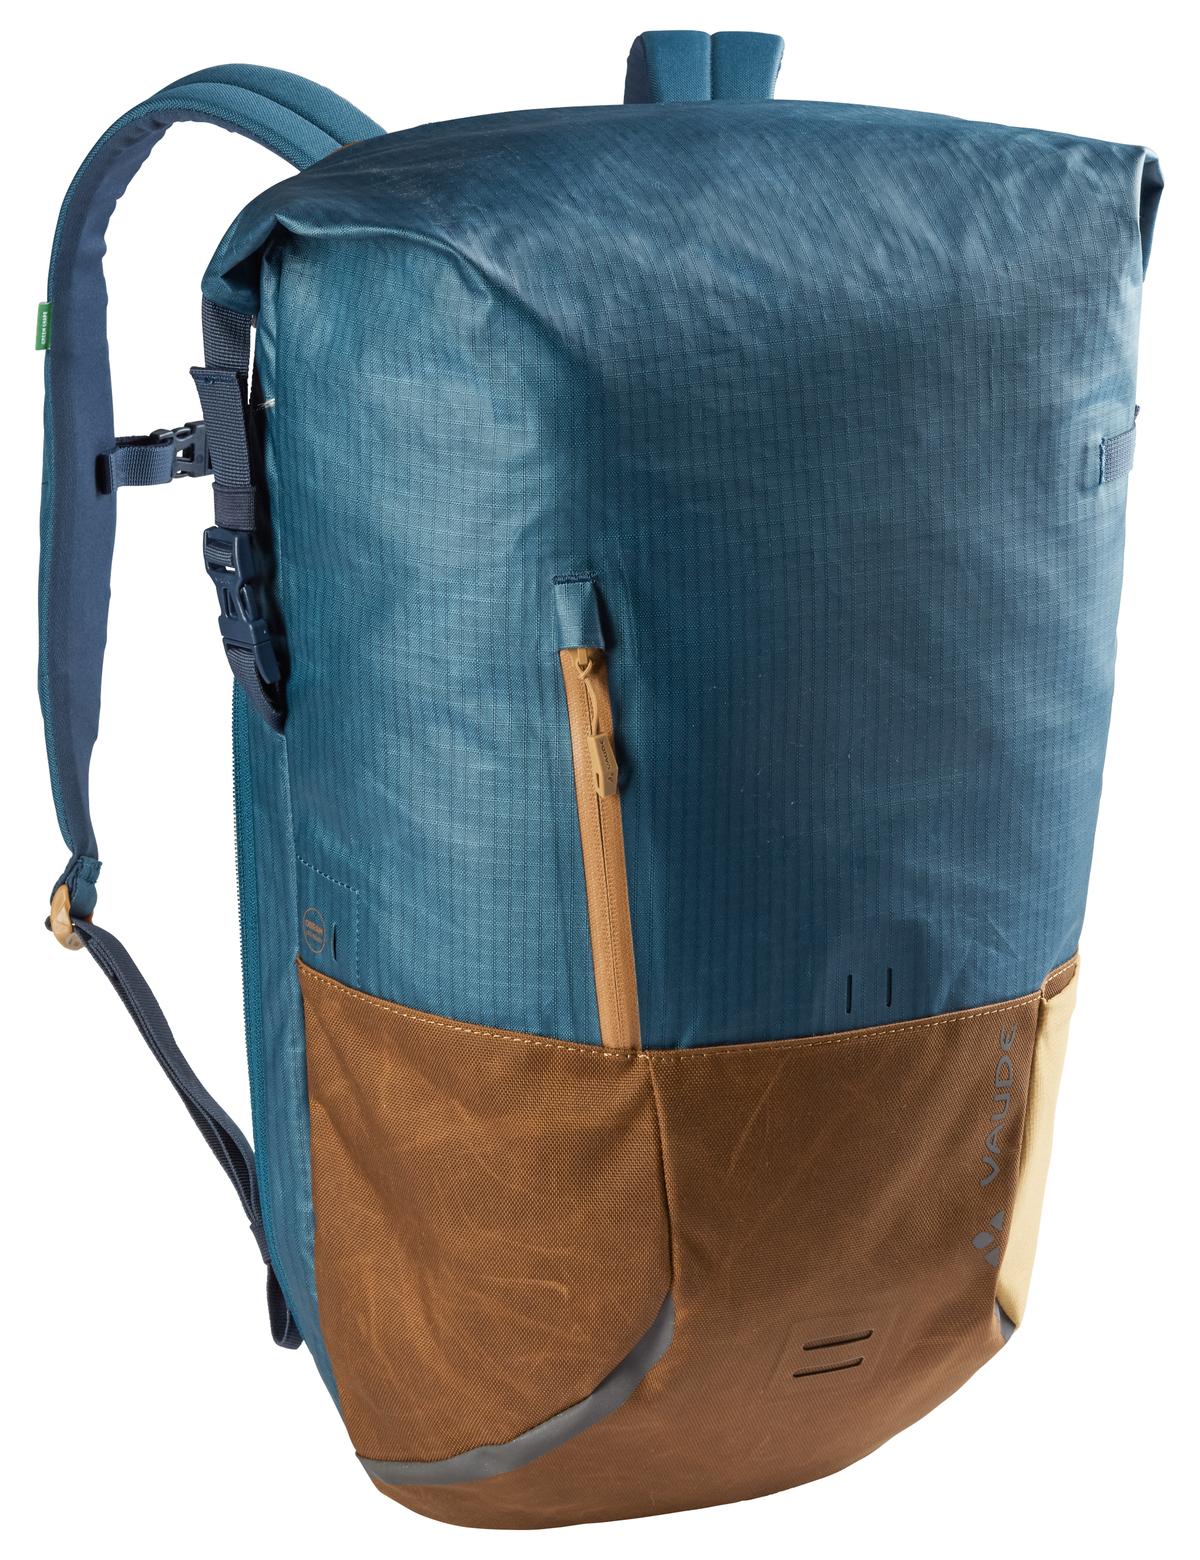 Backpack CityGo 23 OSRAM LED-ready 13.3 Inch City